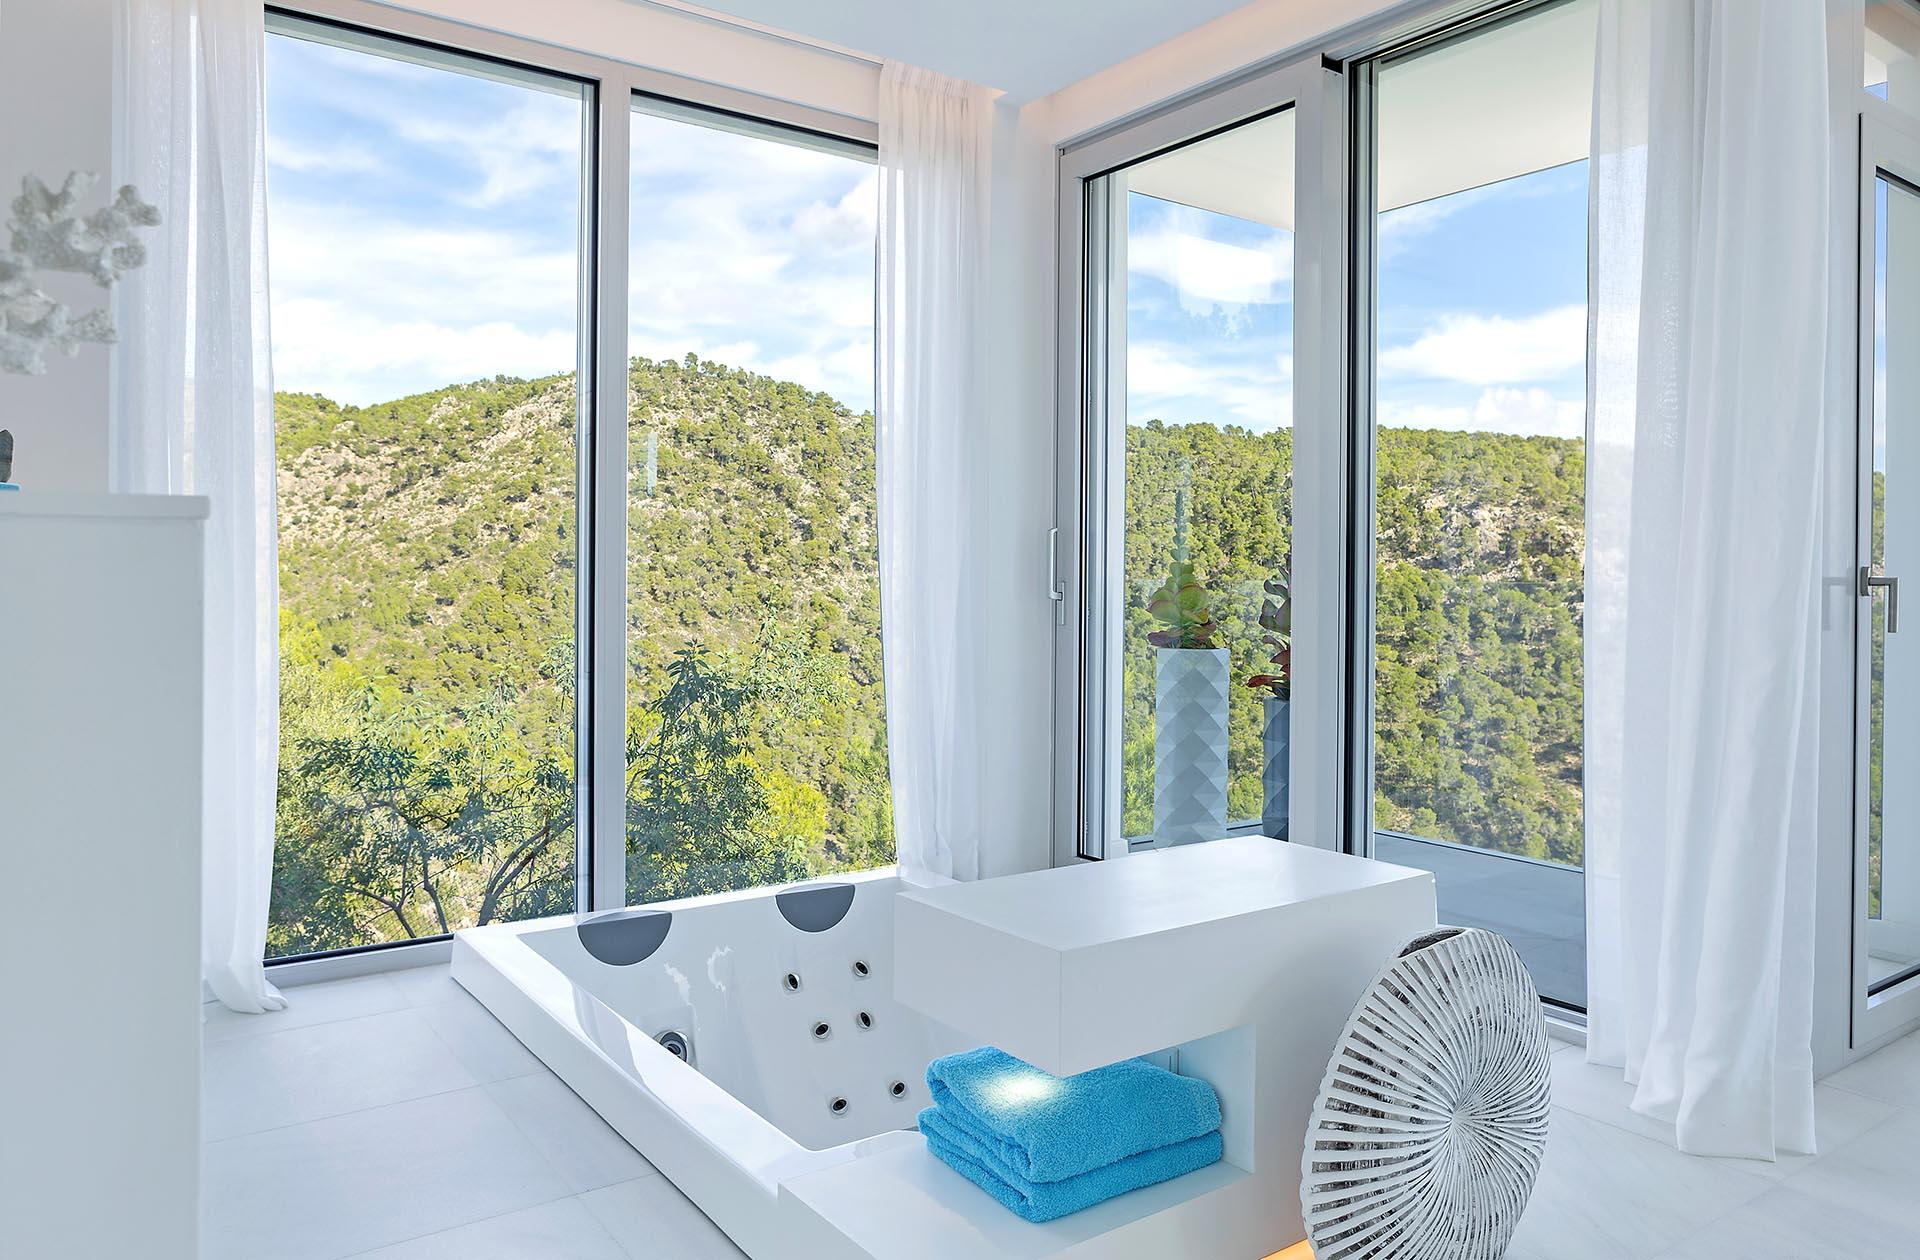 Traumhafte moderne Villa in Costa den Blanes - Badezimmer mit Jacuzzi